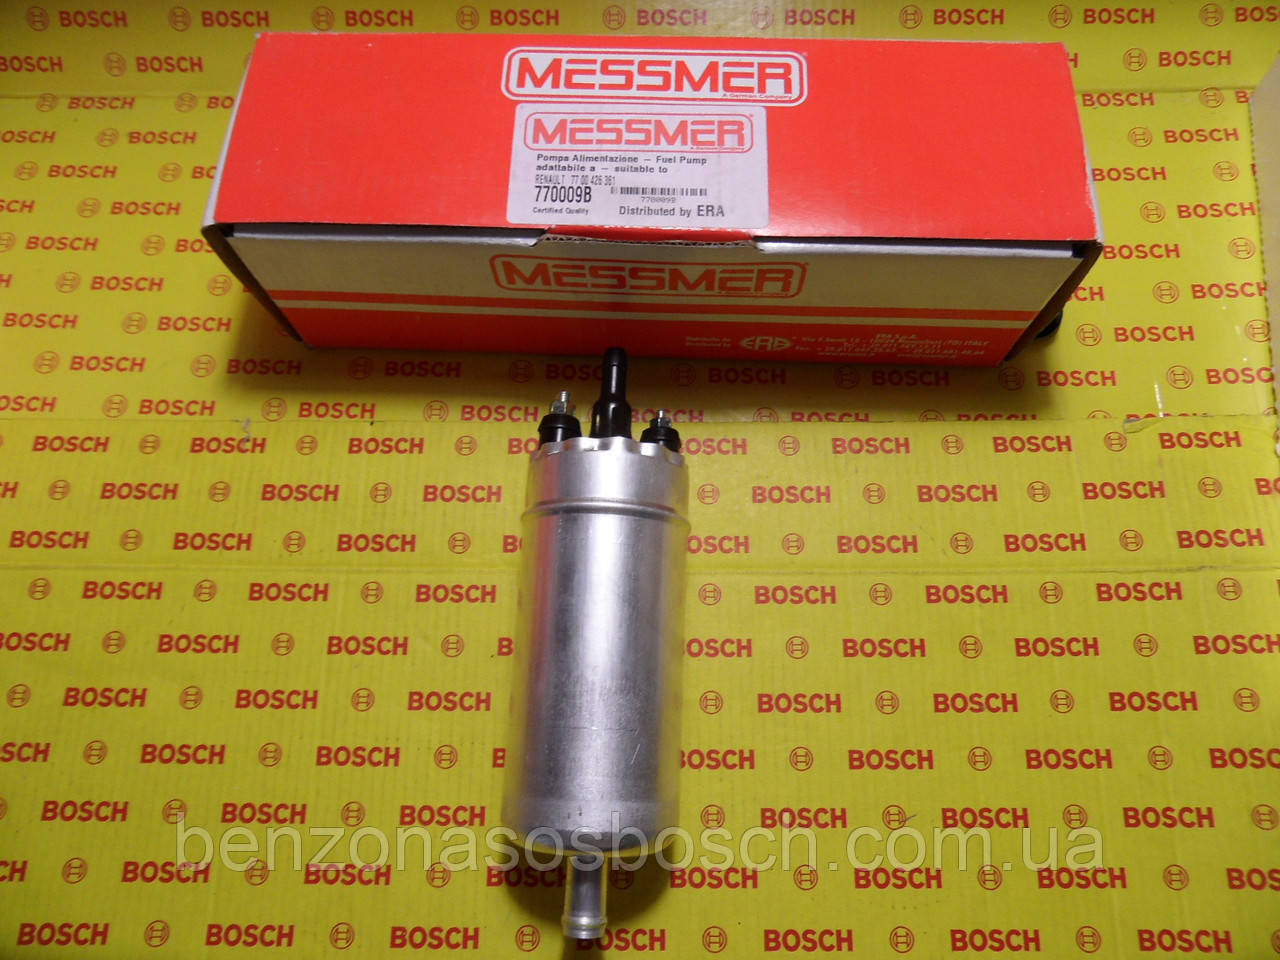 Бензонасосы MESSMER, 770009B, 1,5 bar дизельный насос магистральный